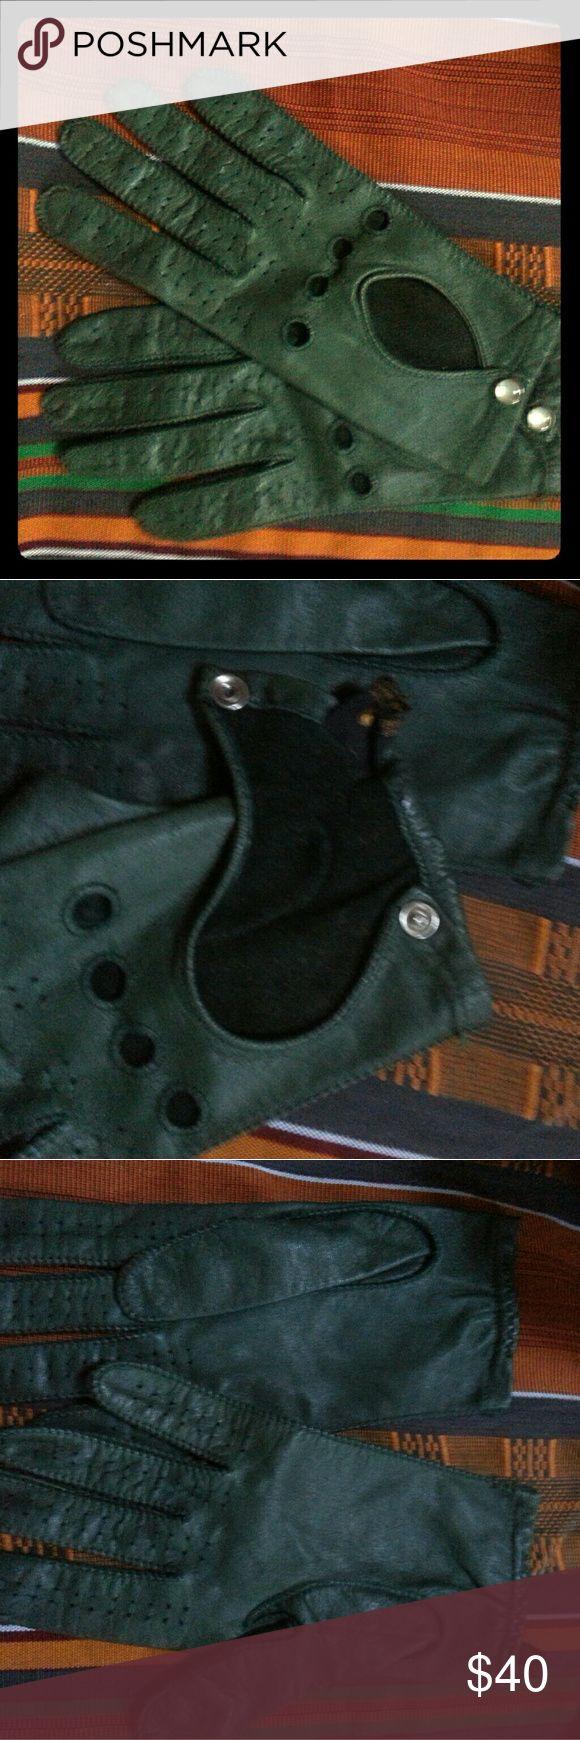 James bond leather driving gloves - Vintage Green Leather Driving Gloves Womens M